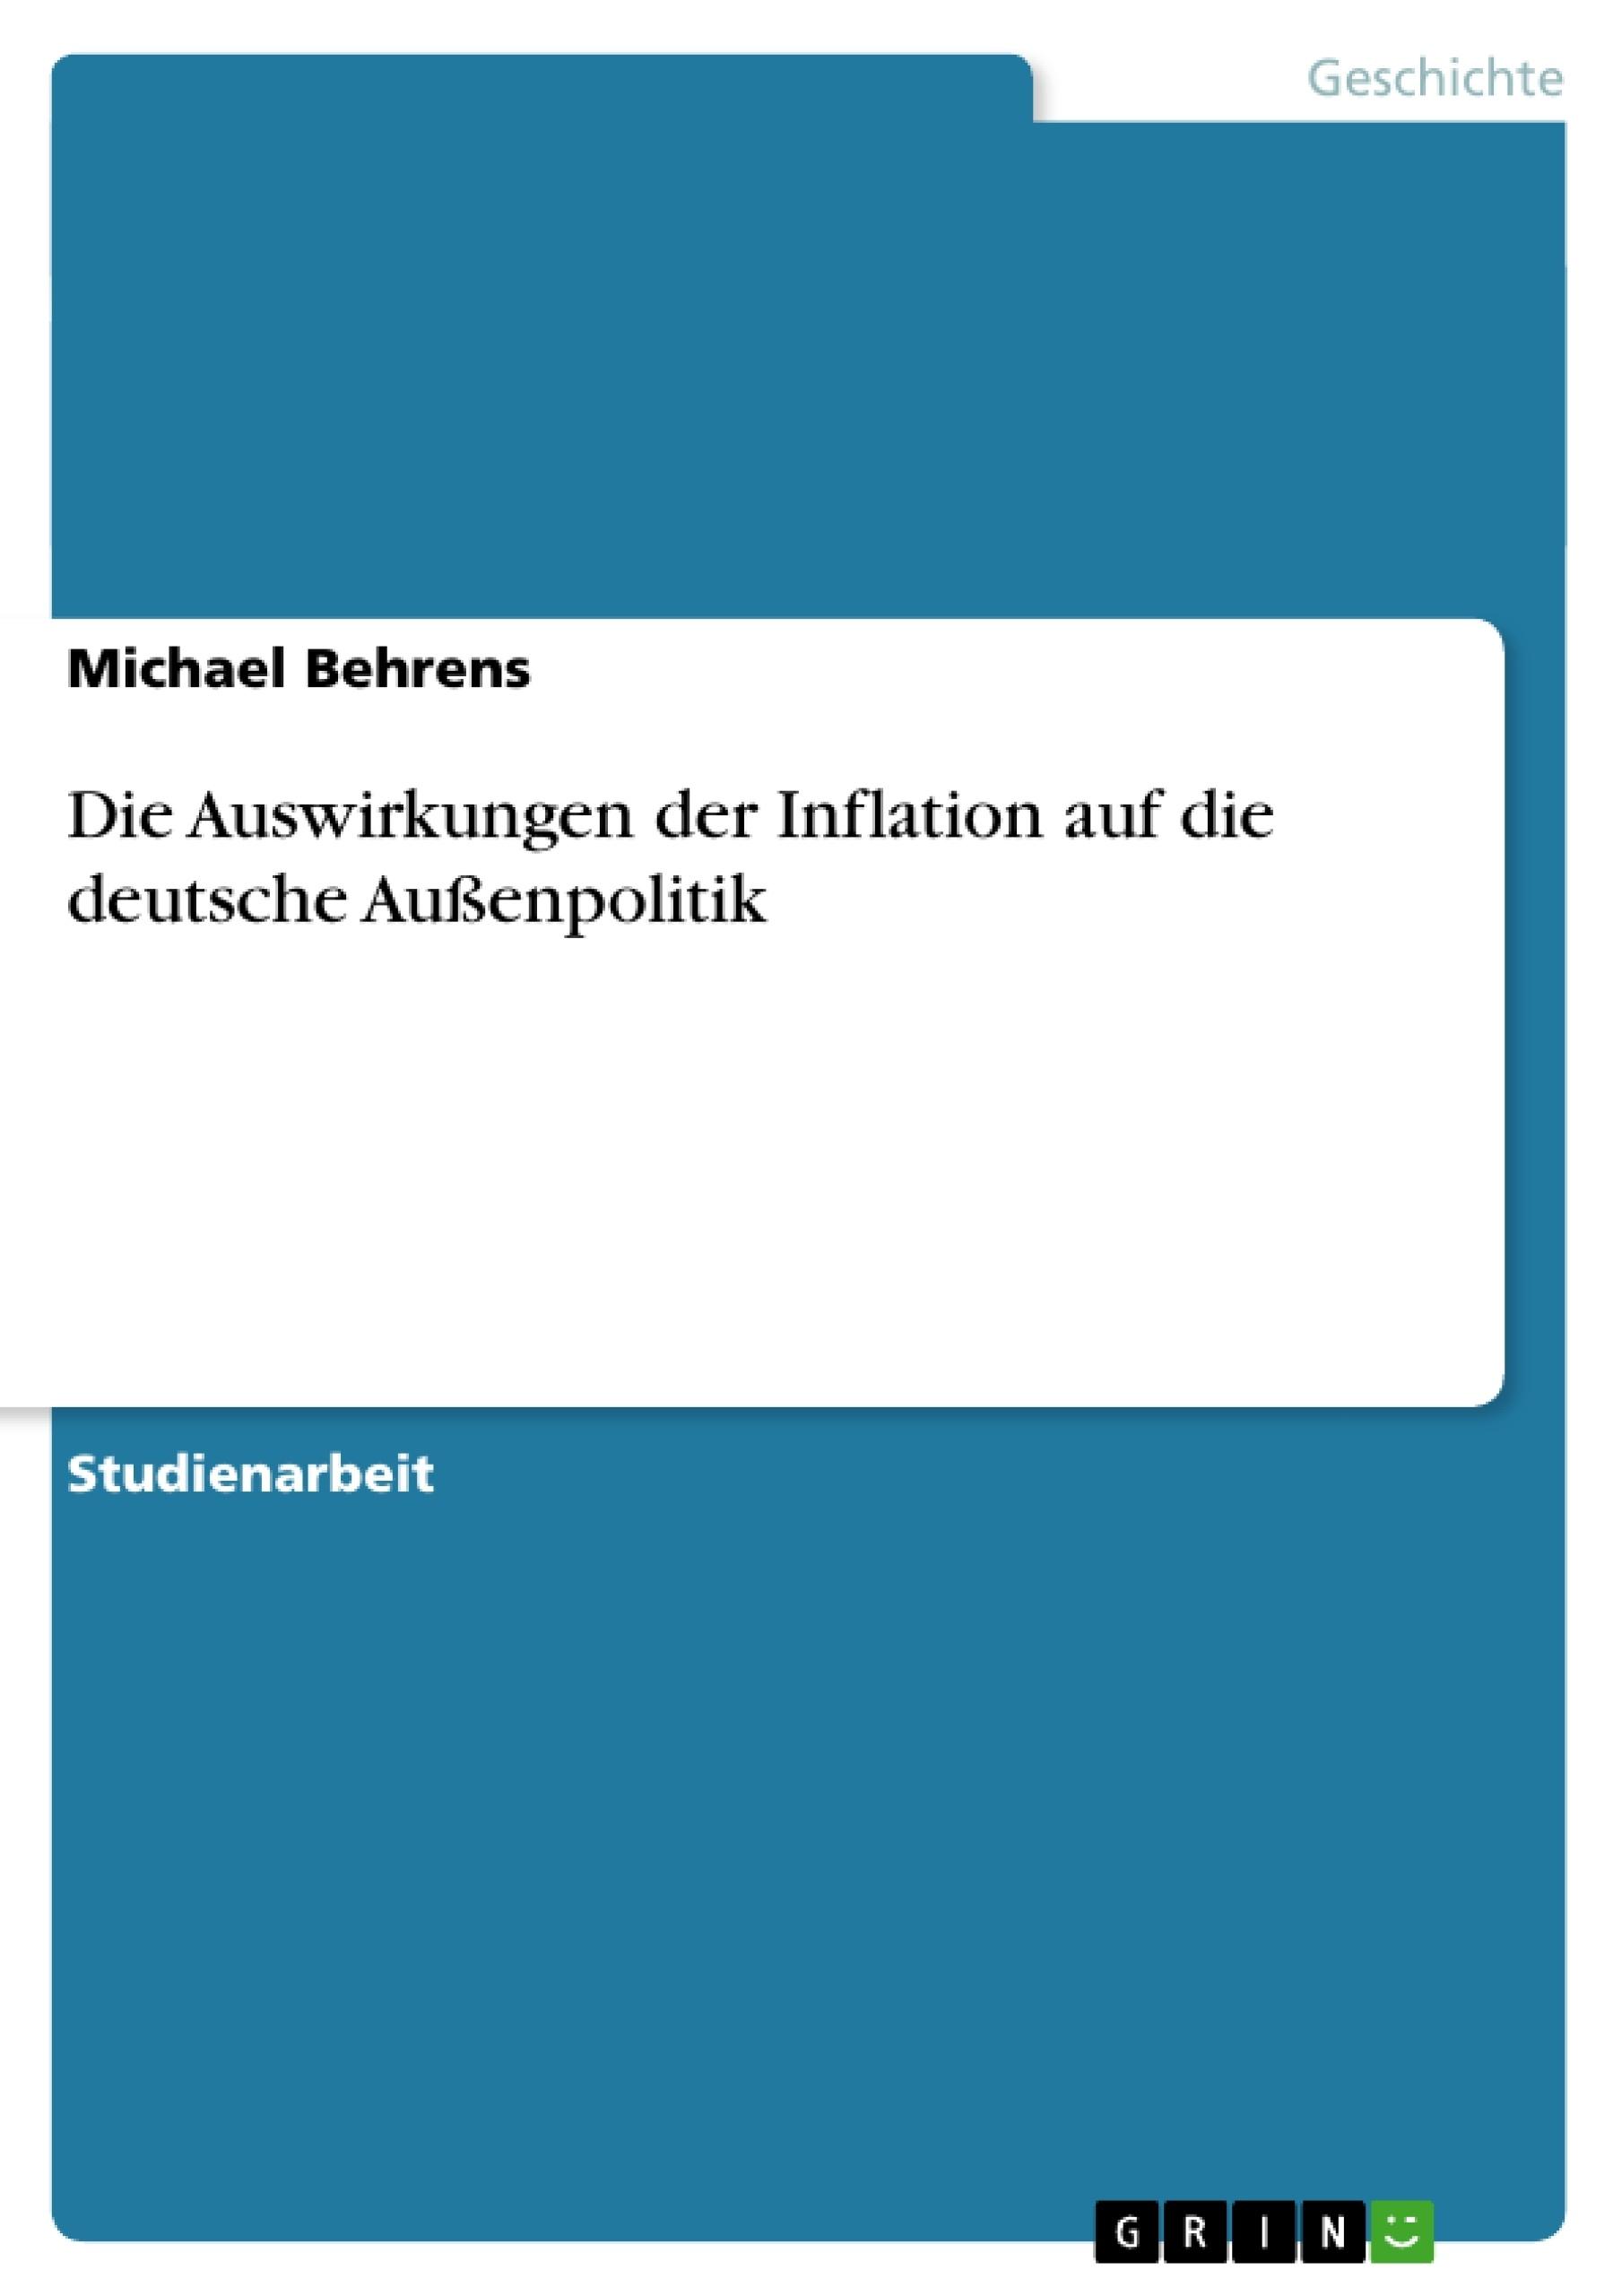 Titel: Die Auswirkungen der Inflation auf die deutsche Außenpolitik